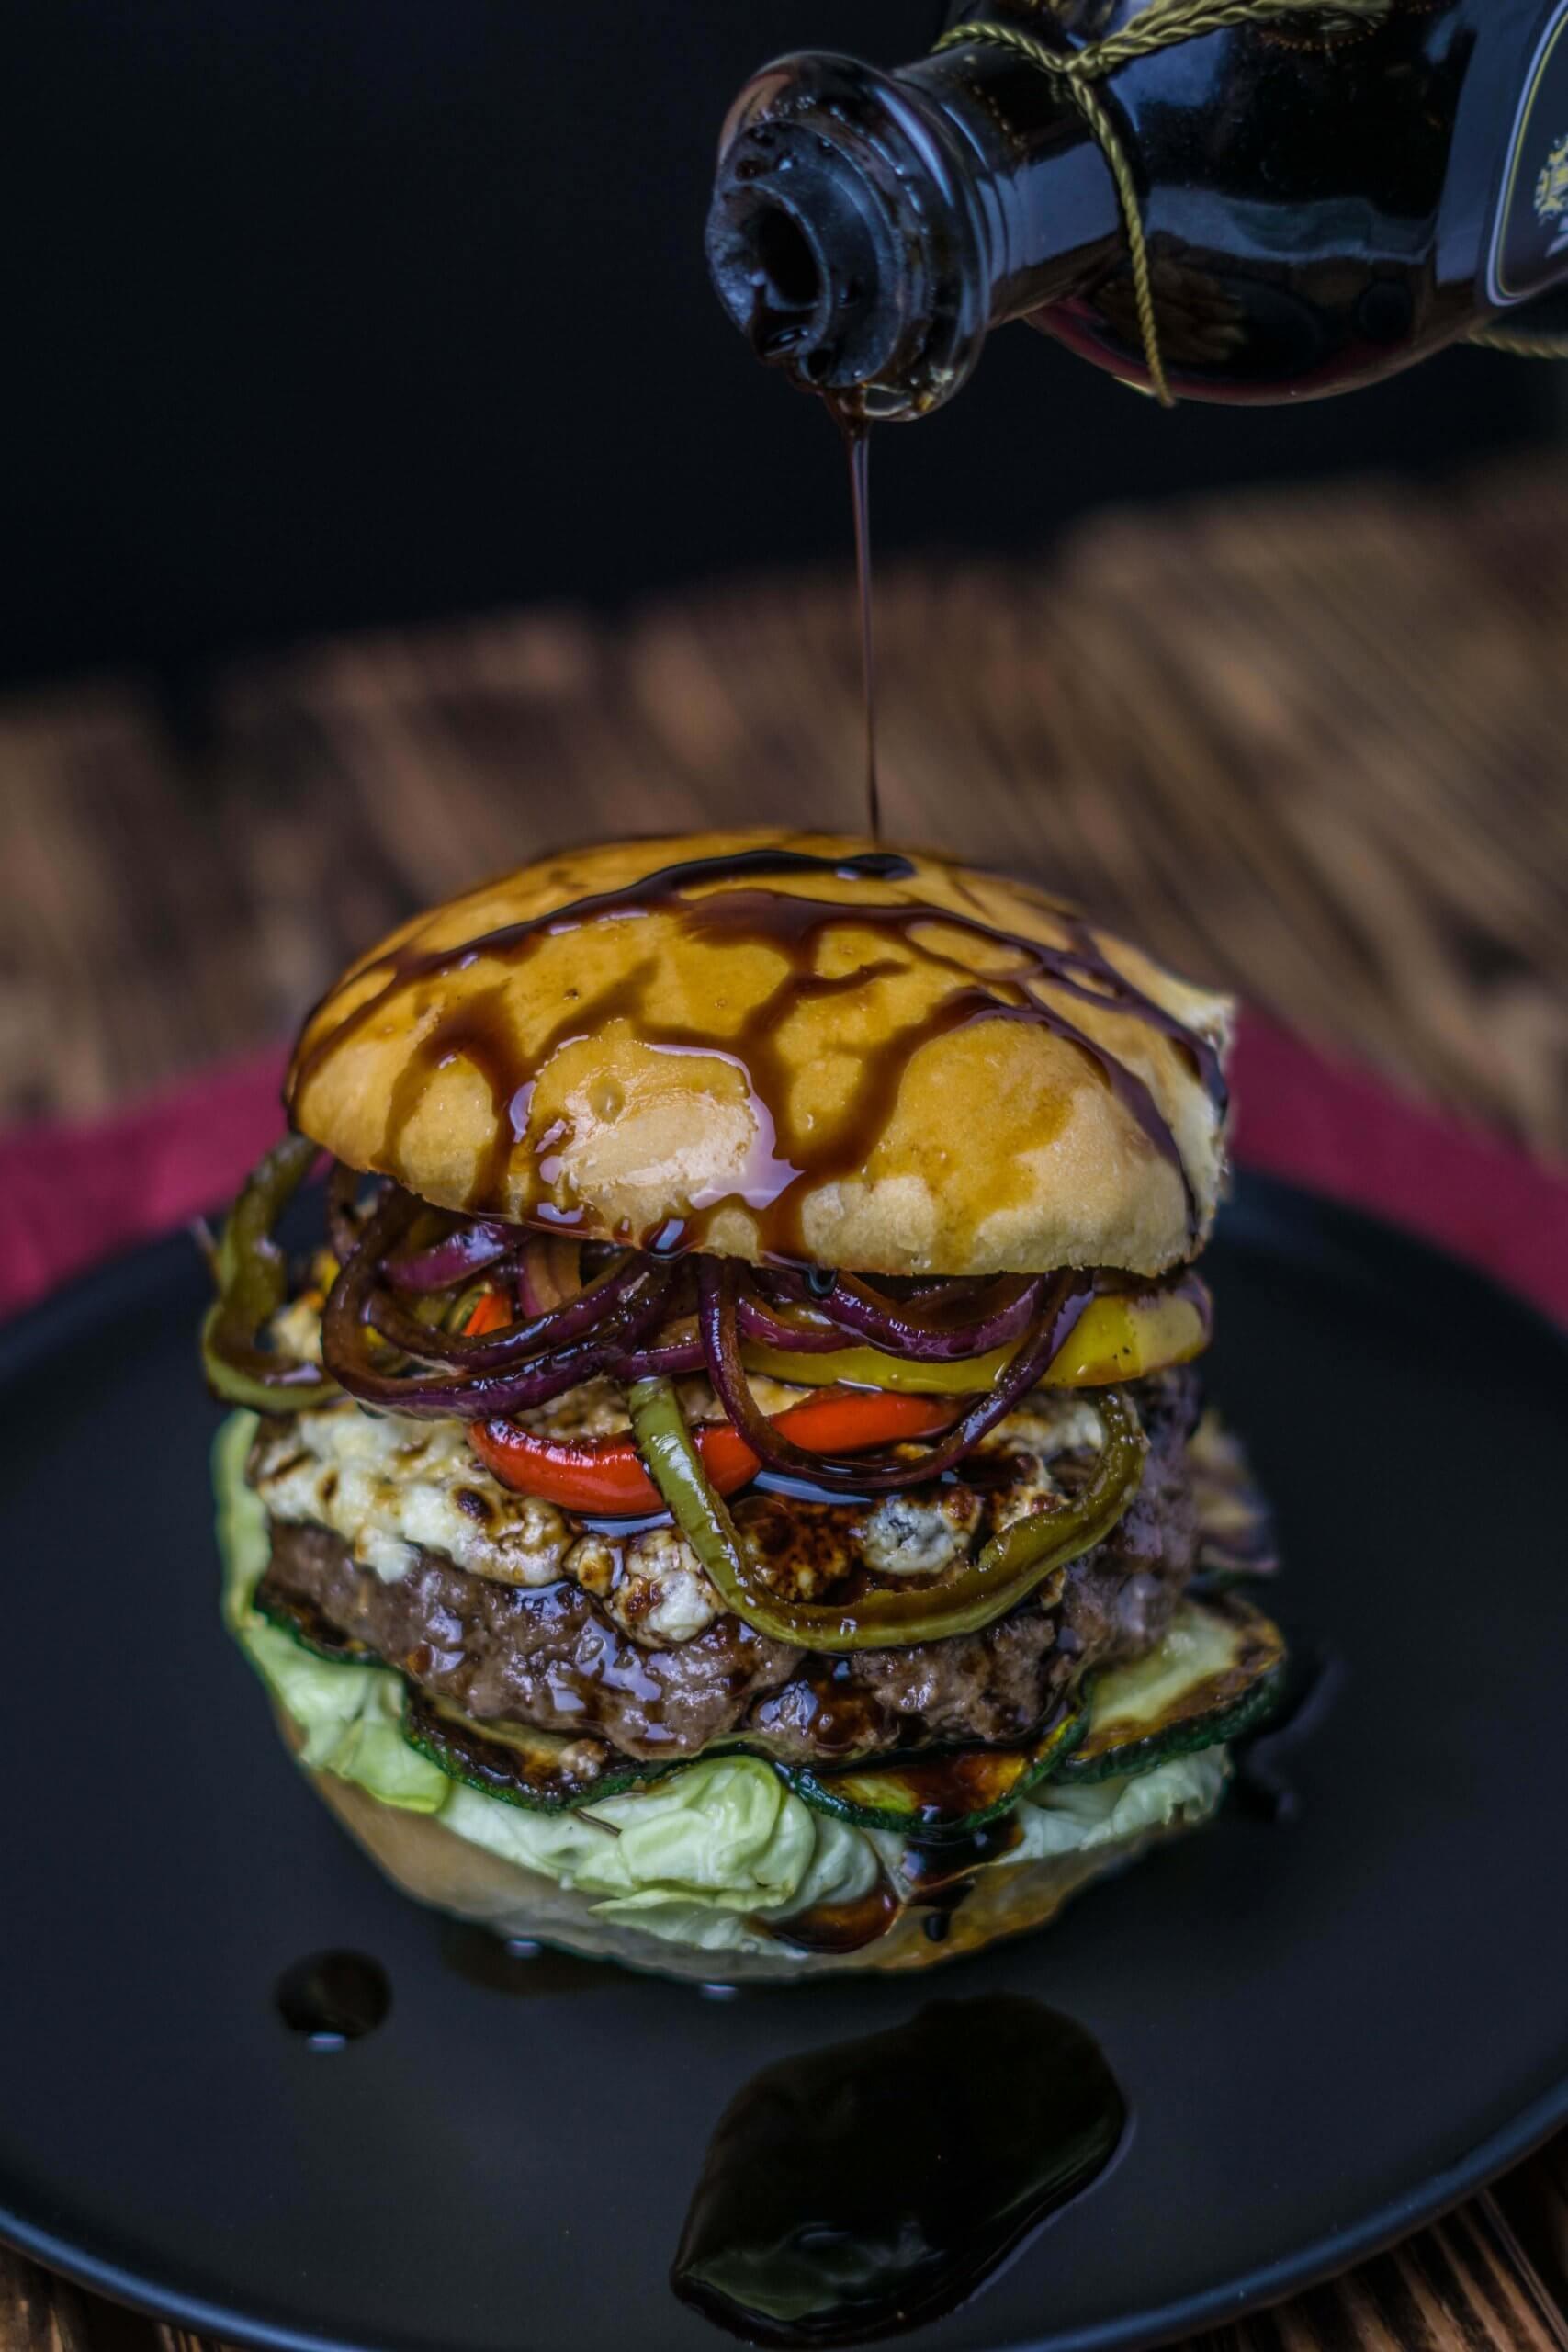 Zum Geburtstag gibt es heute einen Antipasti Burger von Kevin a.k.a. Onkel Kethe